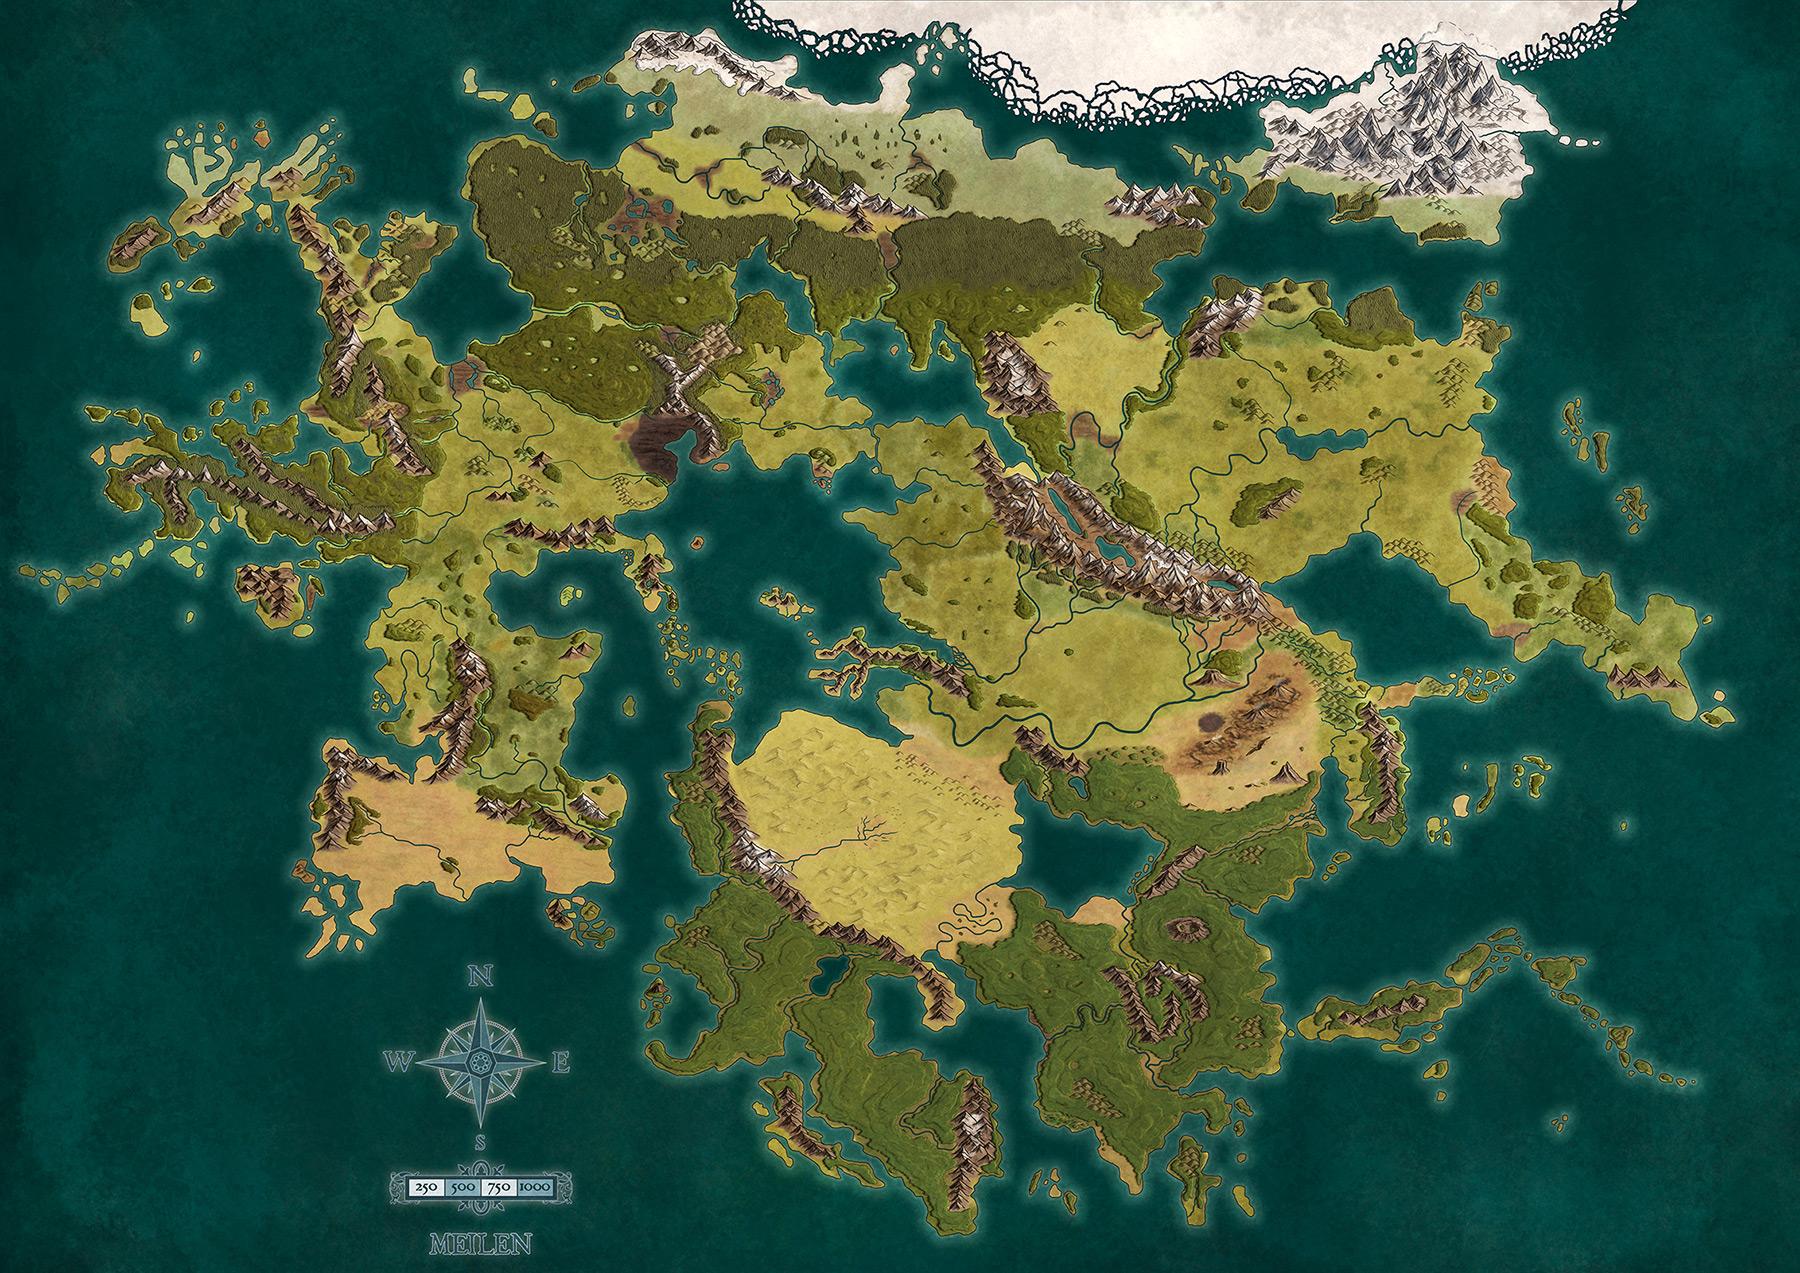 Naher Osten Karte Ohne Beschriftung.Ein Blick Auf Die Finale Lorakis Karte Splittermond